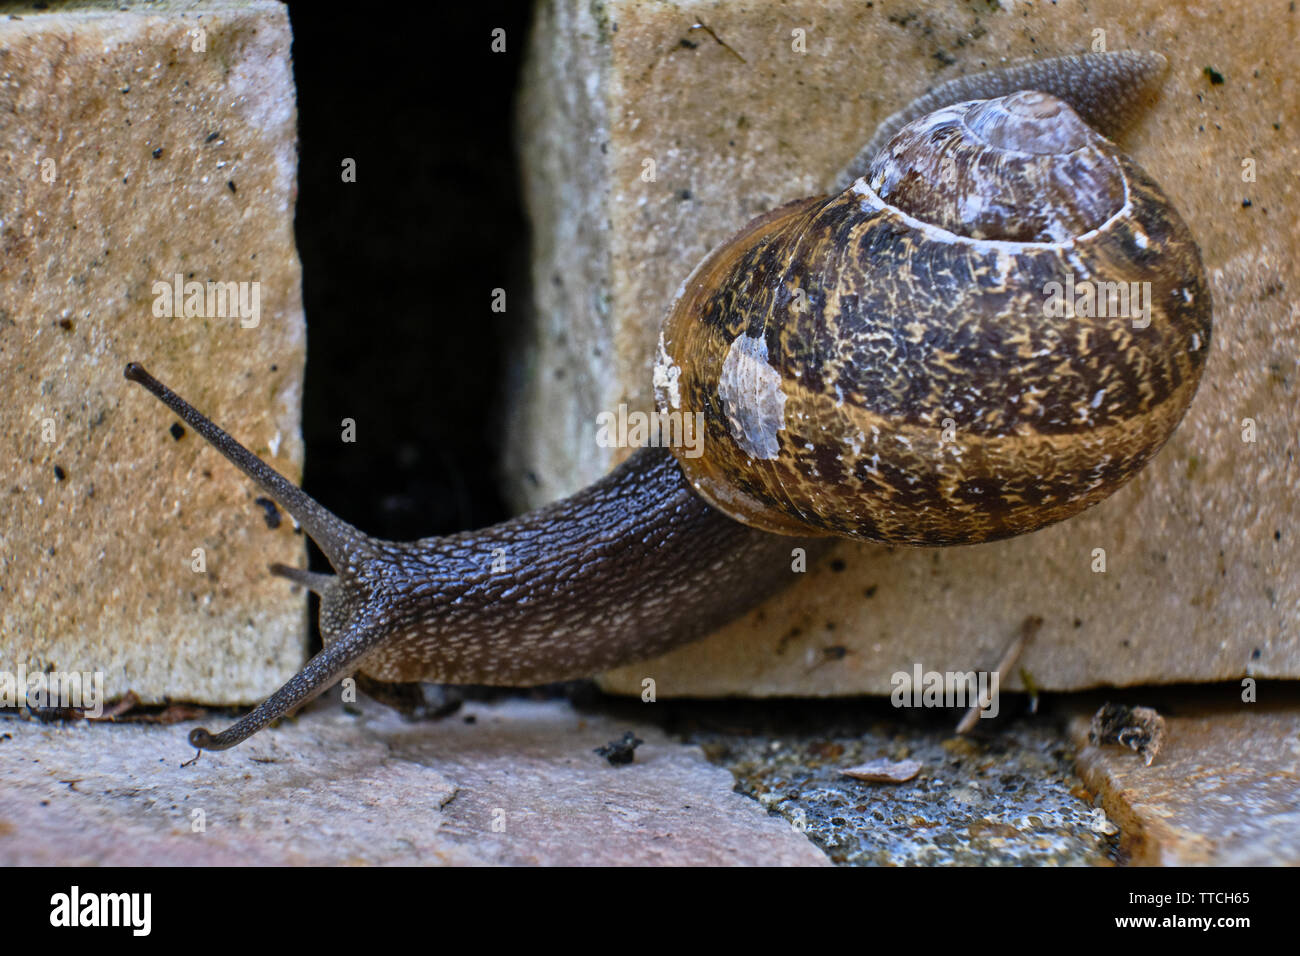 Nahaufnahme Foto von einem gemeinsamen Garten Schnecke kriecht auf einen Stein Stein Stockfoto